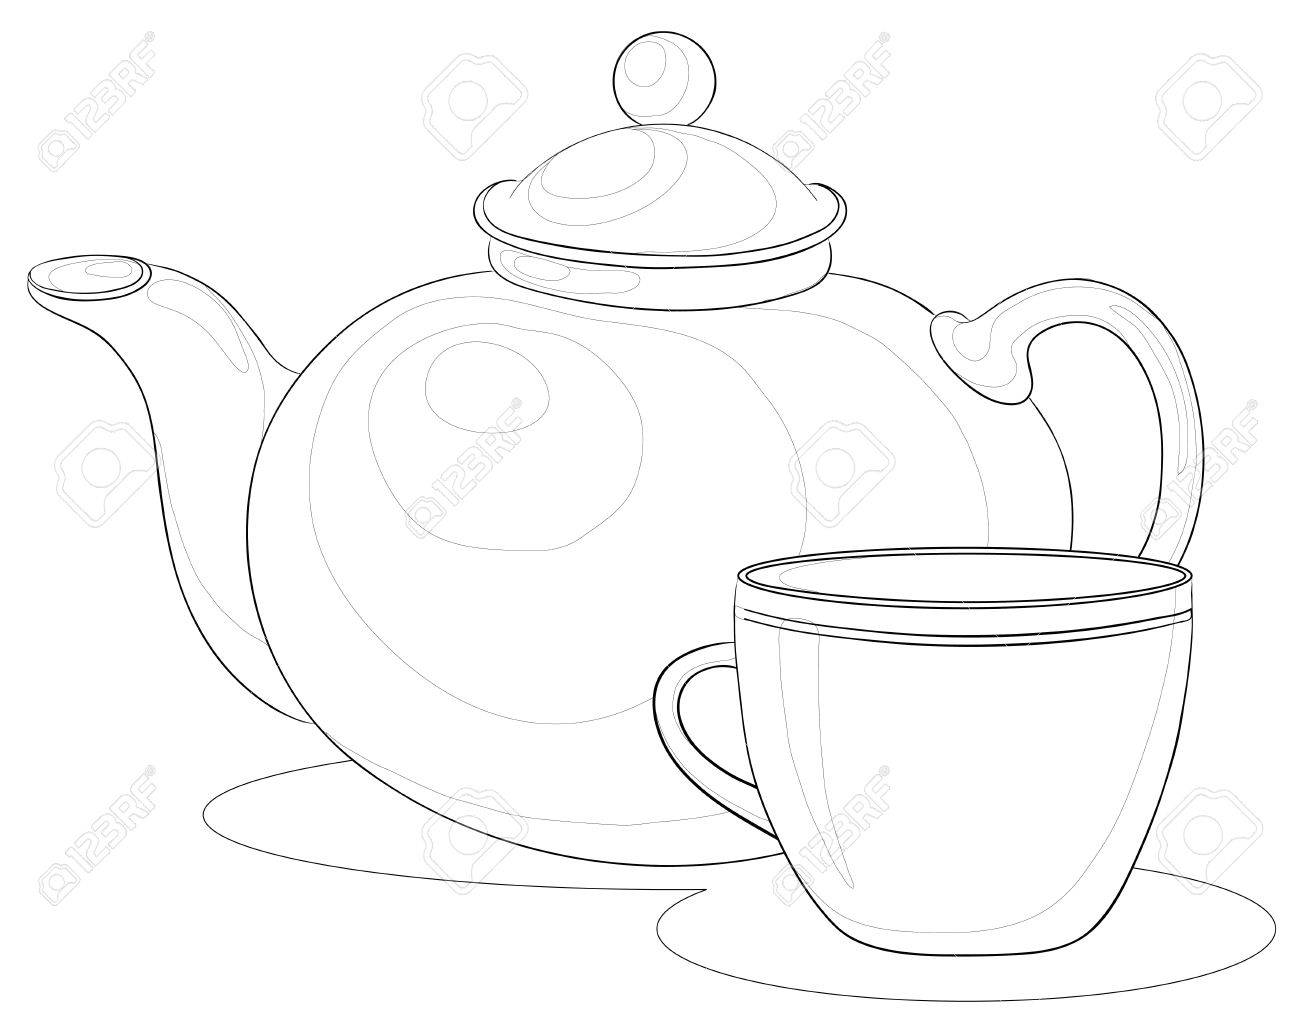 Раскраска чашка с чайников